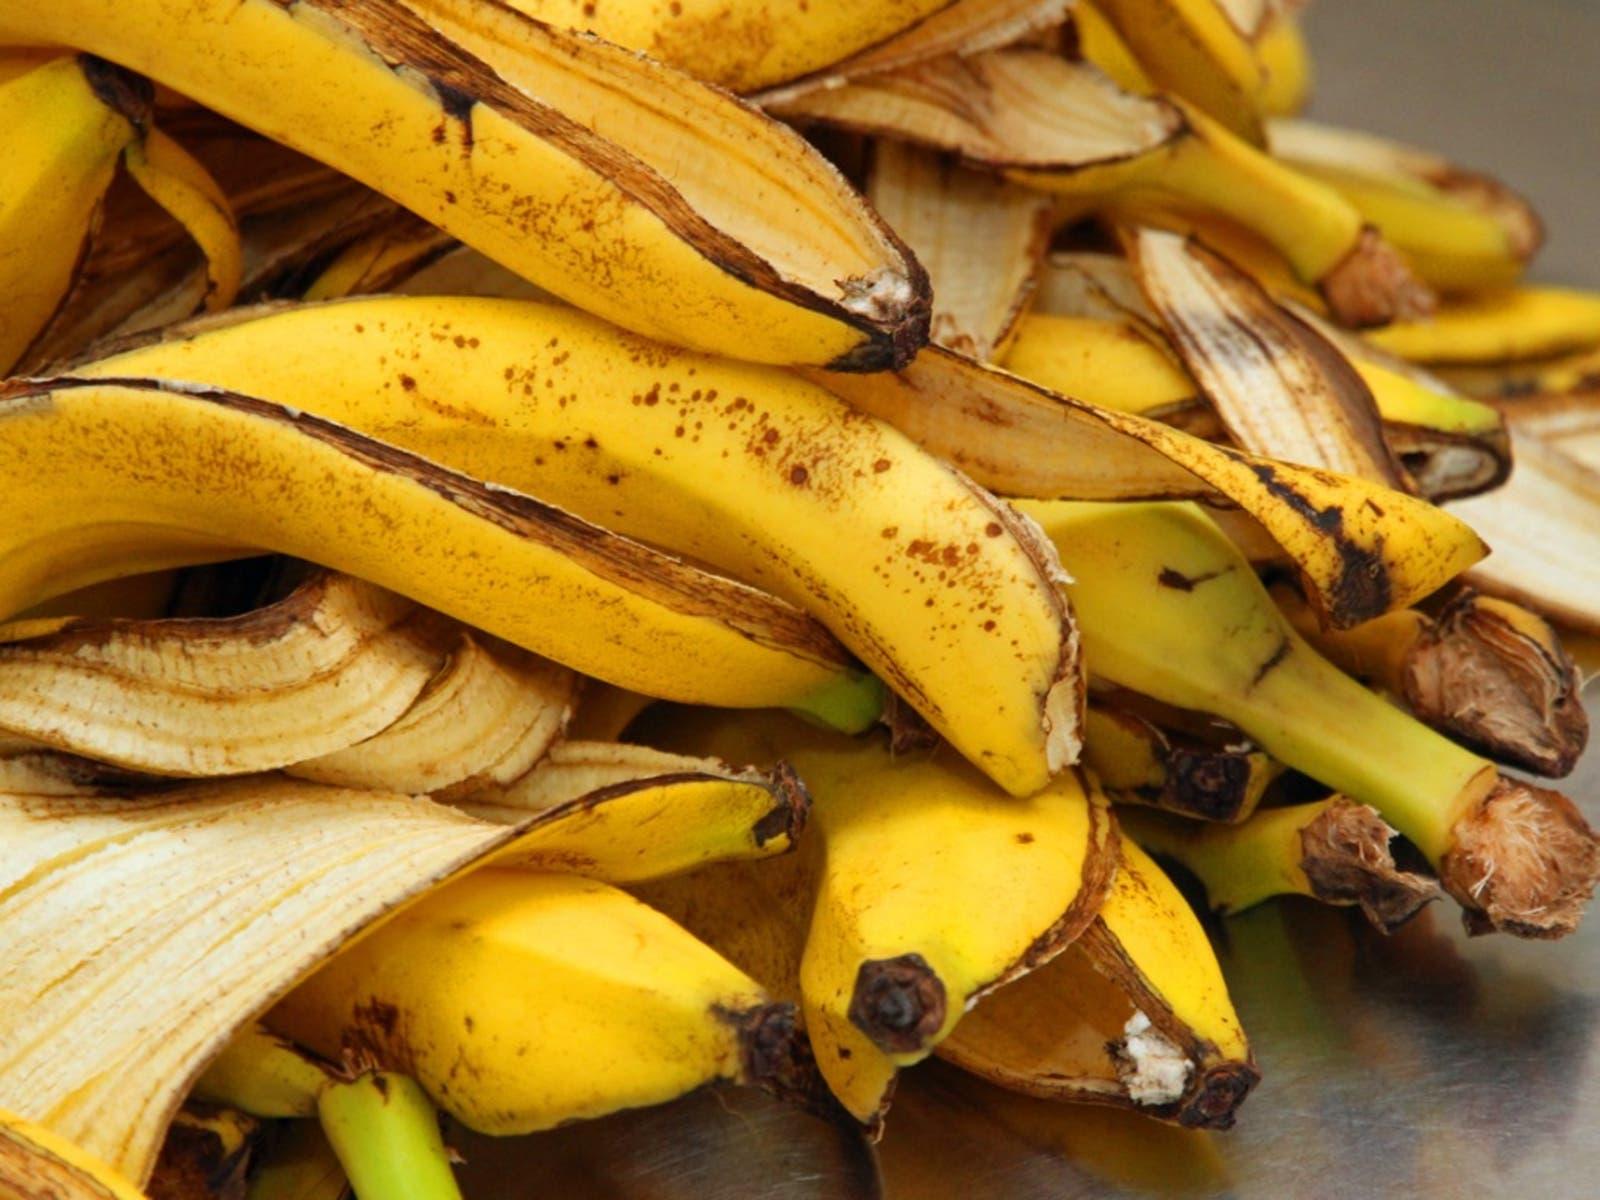 Pelures de bananes